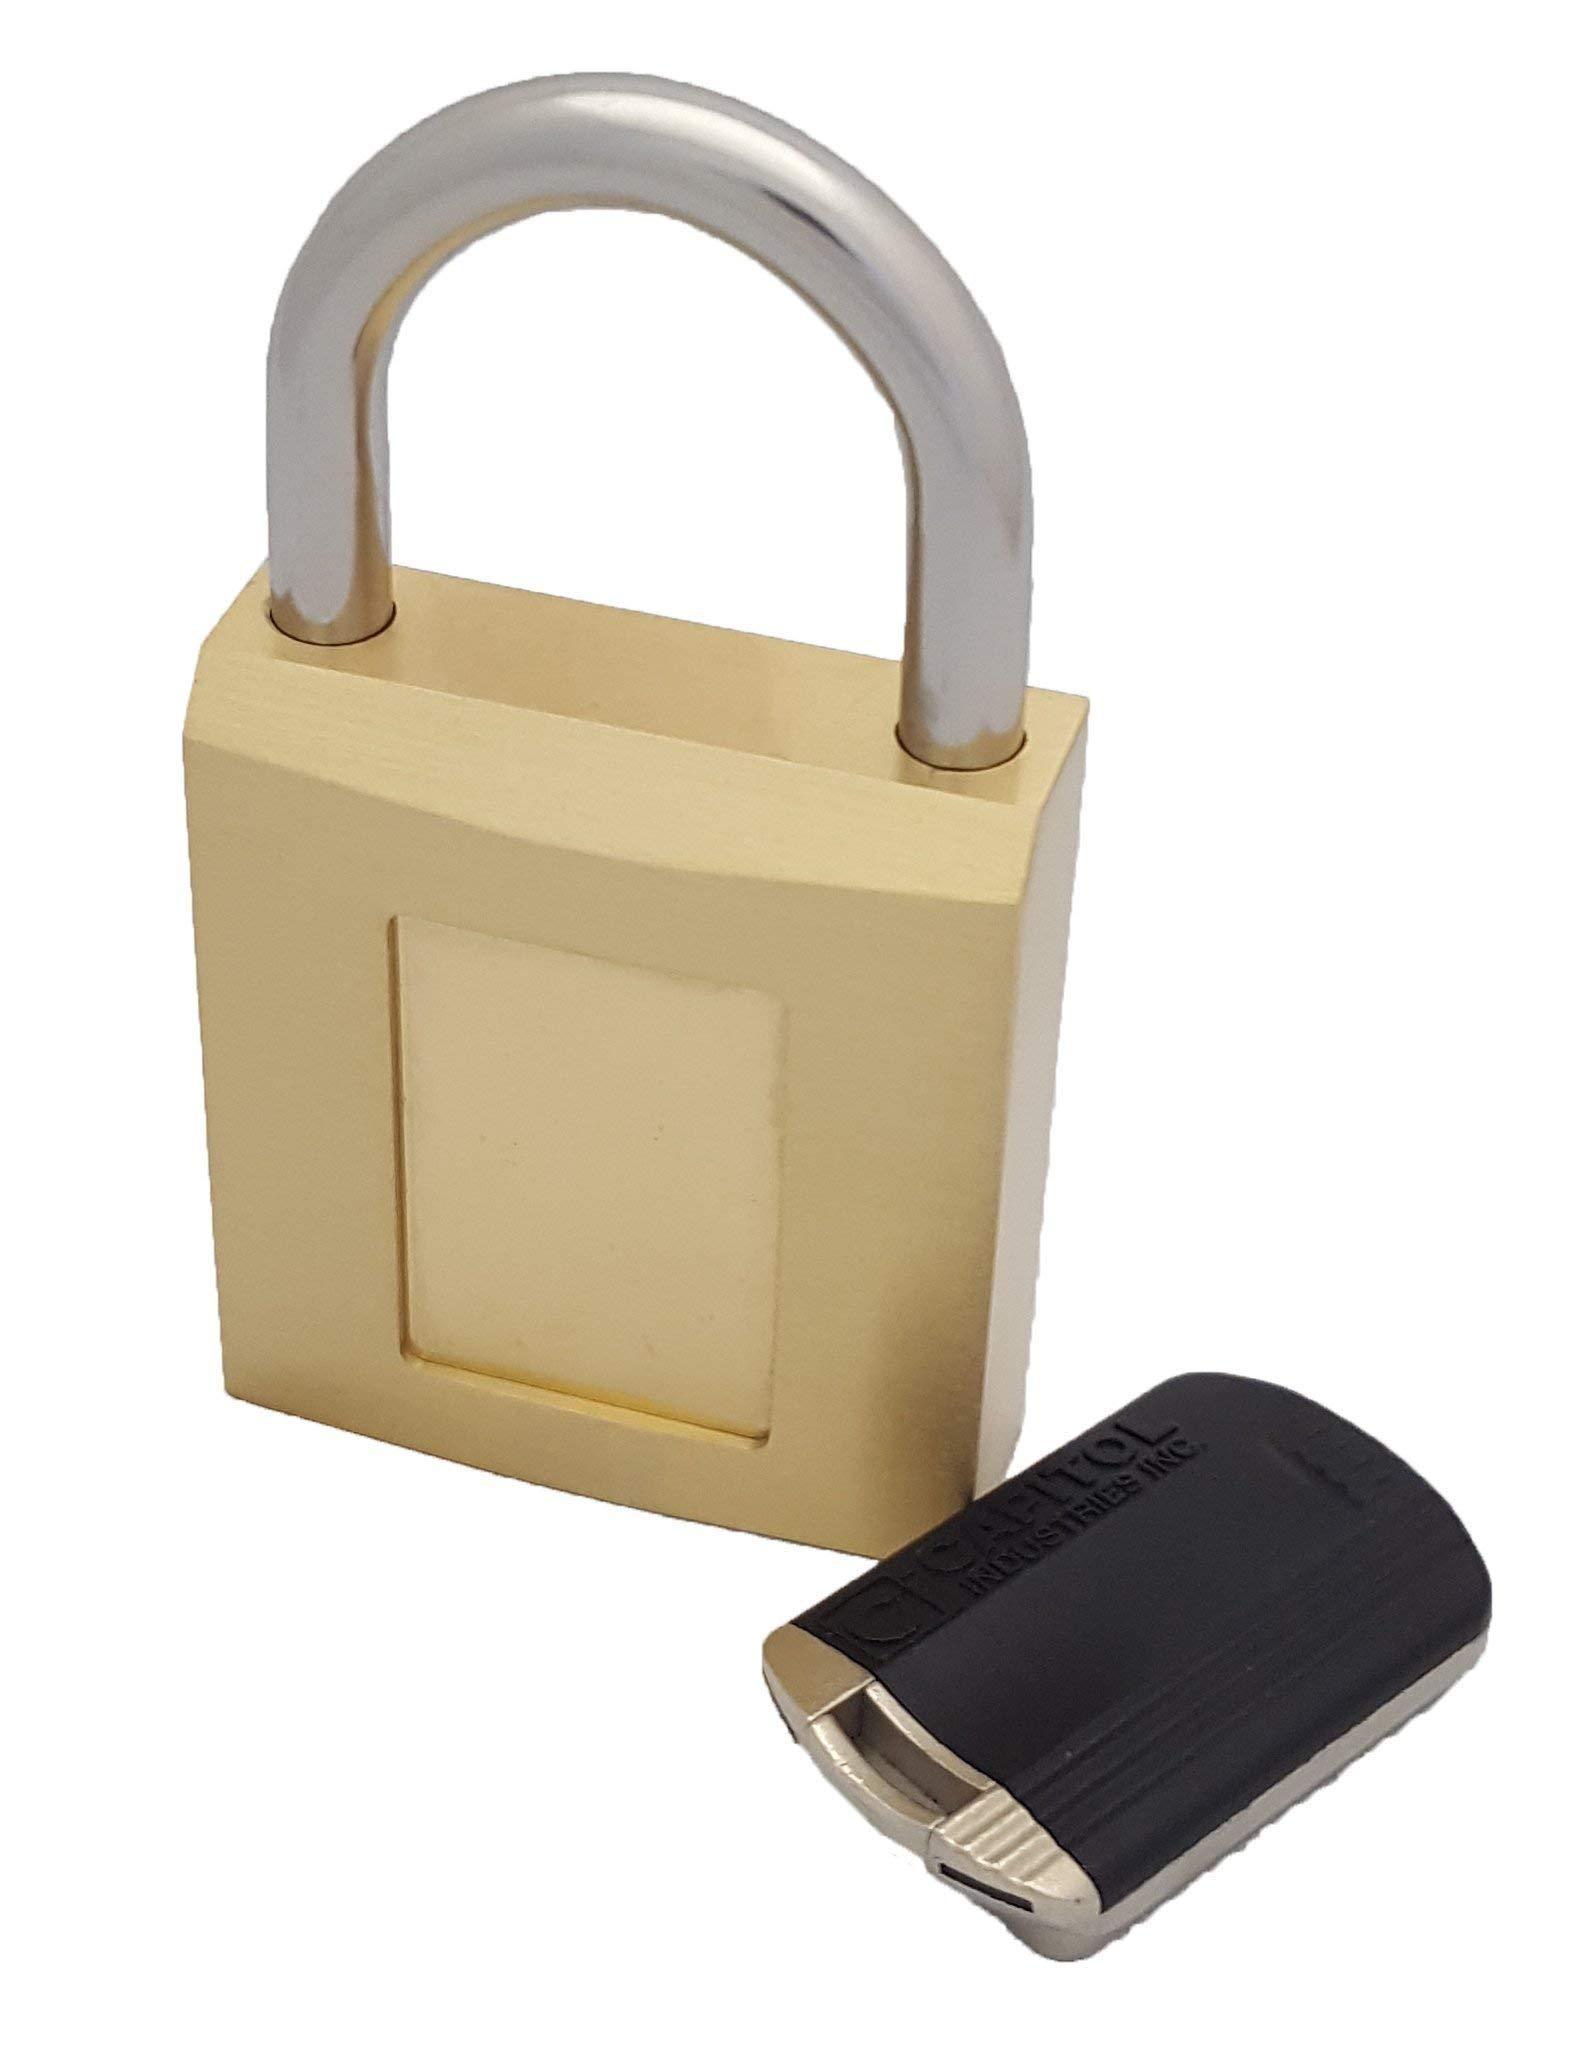 Magnetic Padlock in Heavyduty Brass, Weatherproof, Vandal-Proof, Secure Lock